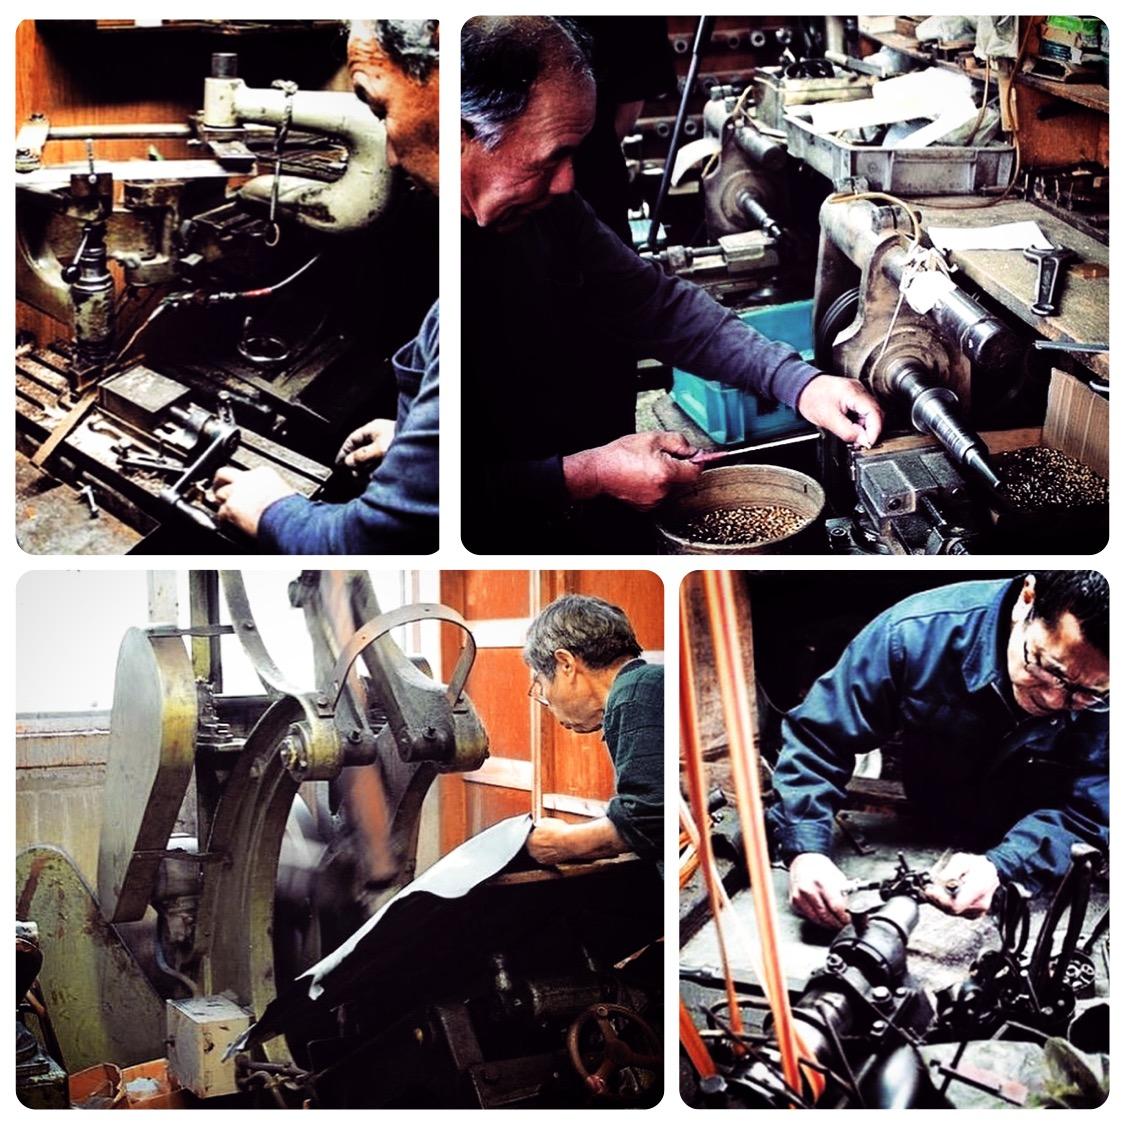 🔨 金属を切断、彫刻、削り、穴あけ、ねじ切りに特化した技術。  🔨 挽き物とは金属を挽いて、金具を切り出したり、金属に溝を彫ったり、作ったりする技。真鍮の板材、丸材をメインの素材として扱い、デザインや図面に合わせて形を成形していく、1920年代から続く、古くからある日本の伝統技術。